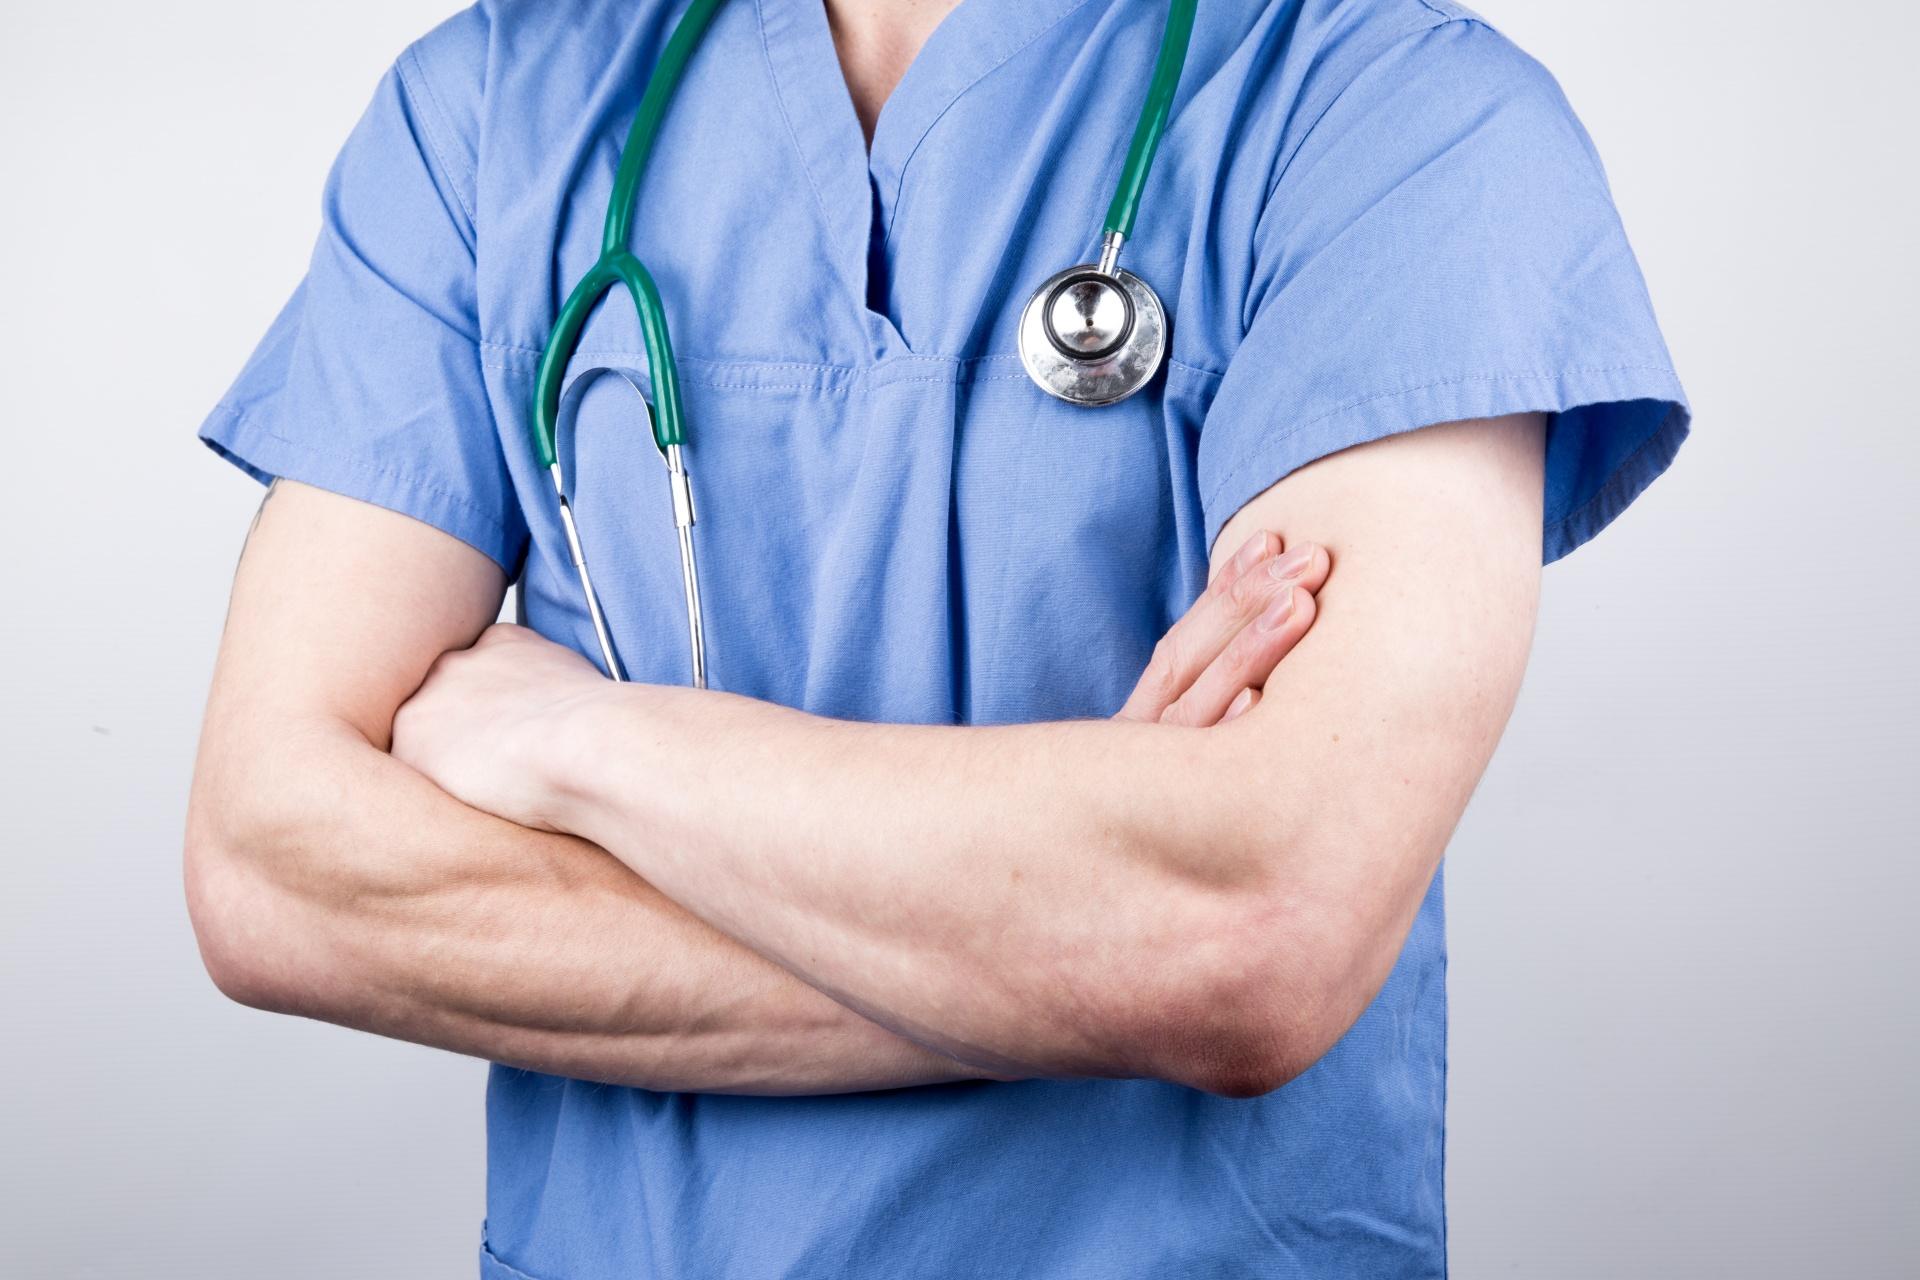 Gyorsabb gyógyulást, kisebb fájdalmat, kevesebb szövődményt ígérnek a visszérműtéteknél